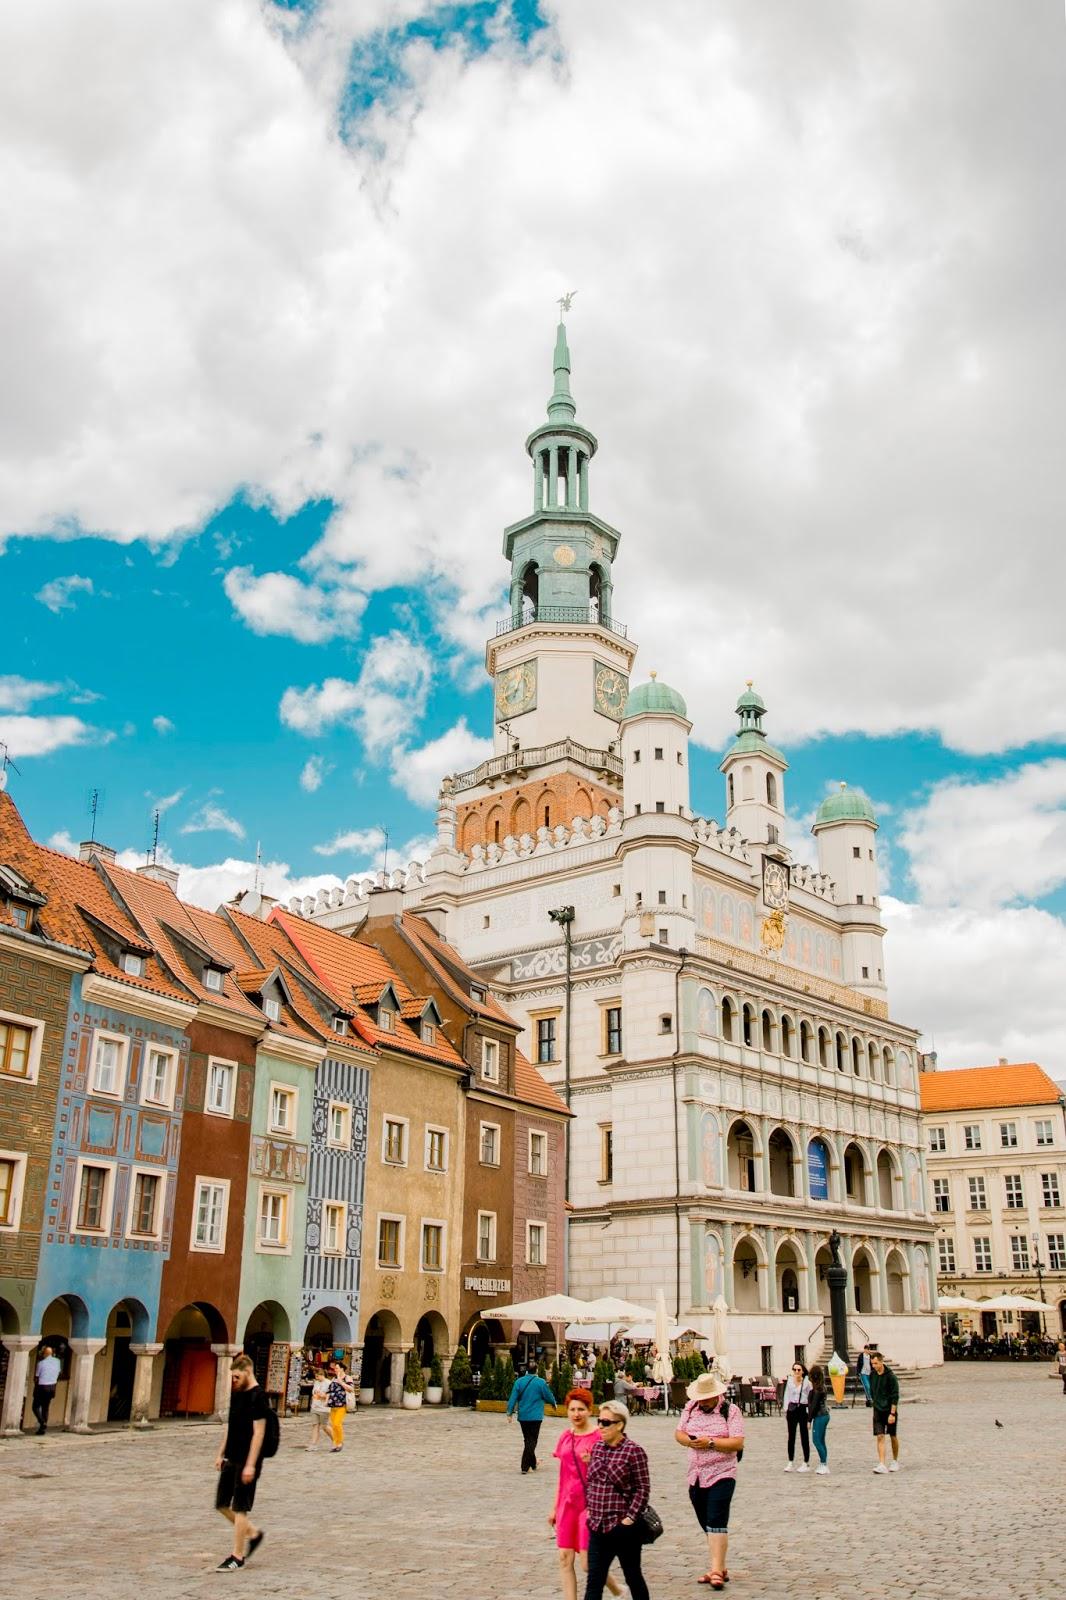 Renesansowy Ratusz stojący na środku poznańskiego Starego Rynku. Po jego lewej stronie kolorowe domki budnicze. Po bruku w cieniu ratusza przechadzają się turyści